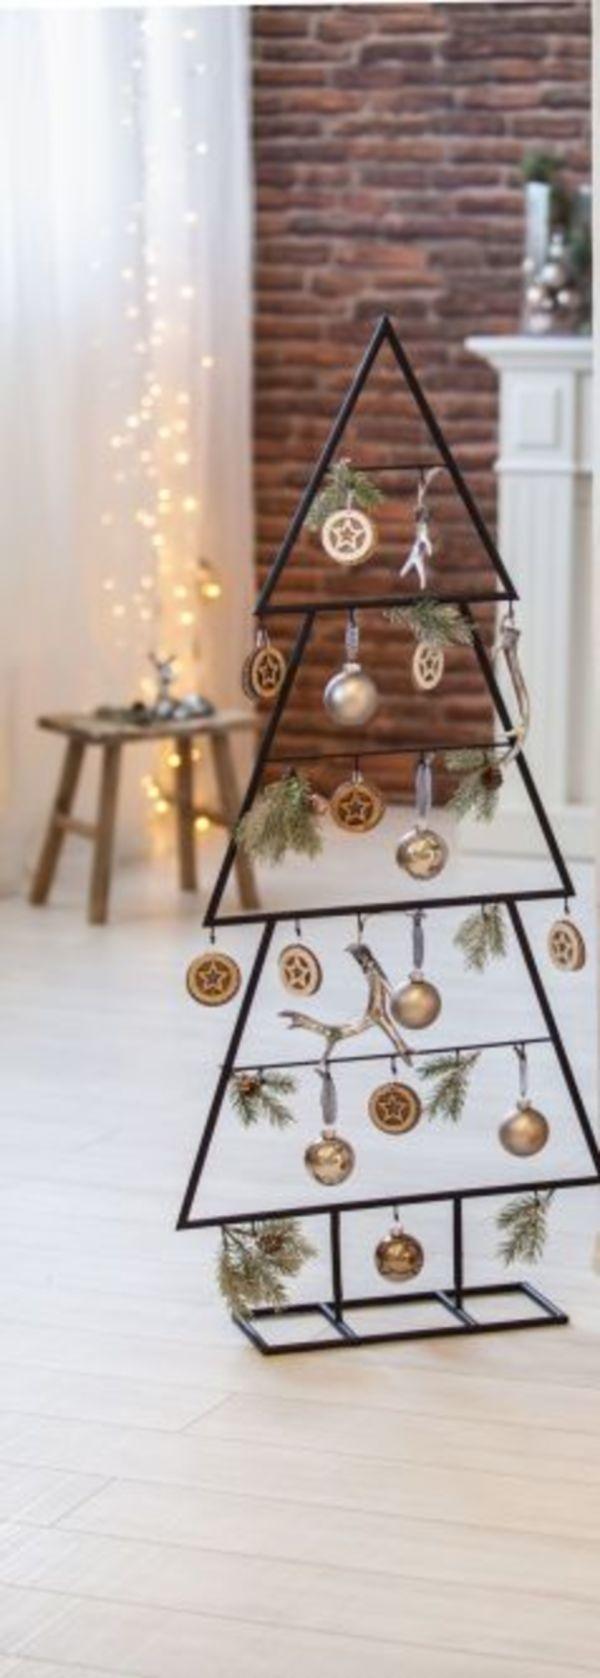 Standdeko Weihnachtsbaum Metall schwarz ohne Dekoration xxl